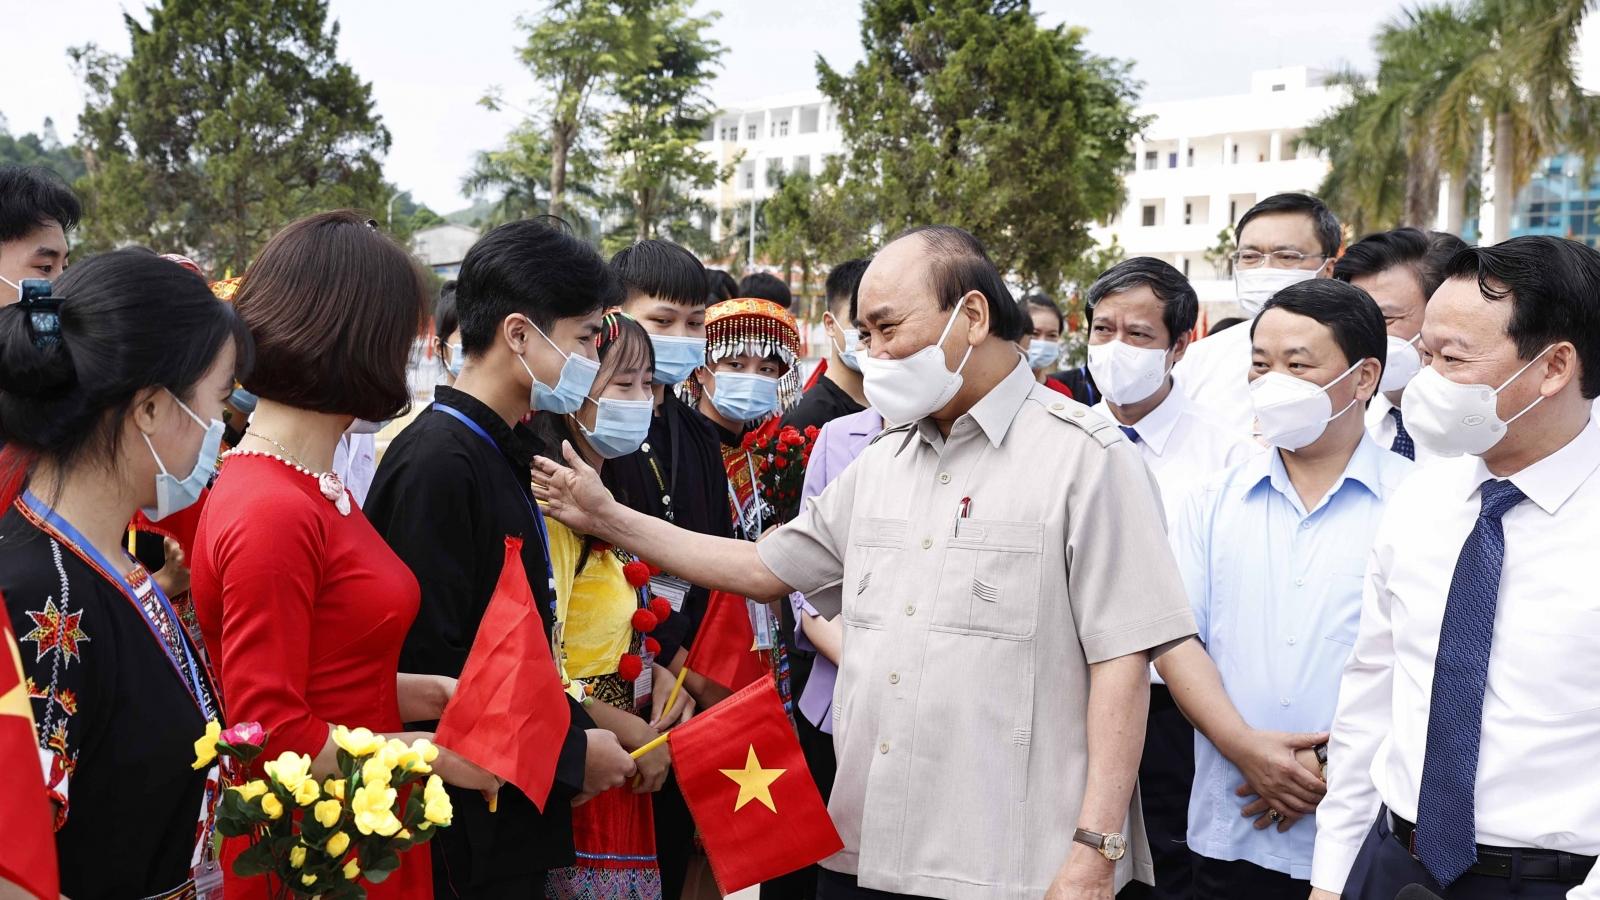 Chủ tịch nước dự khai giảng năm học mới tại Trường PTDT Nội trú THPT tỉnh Yên Bái